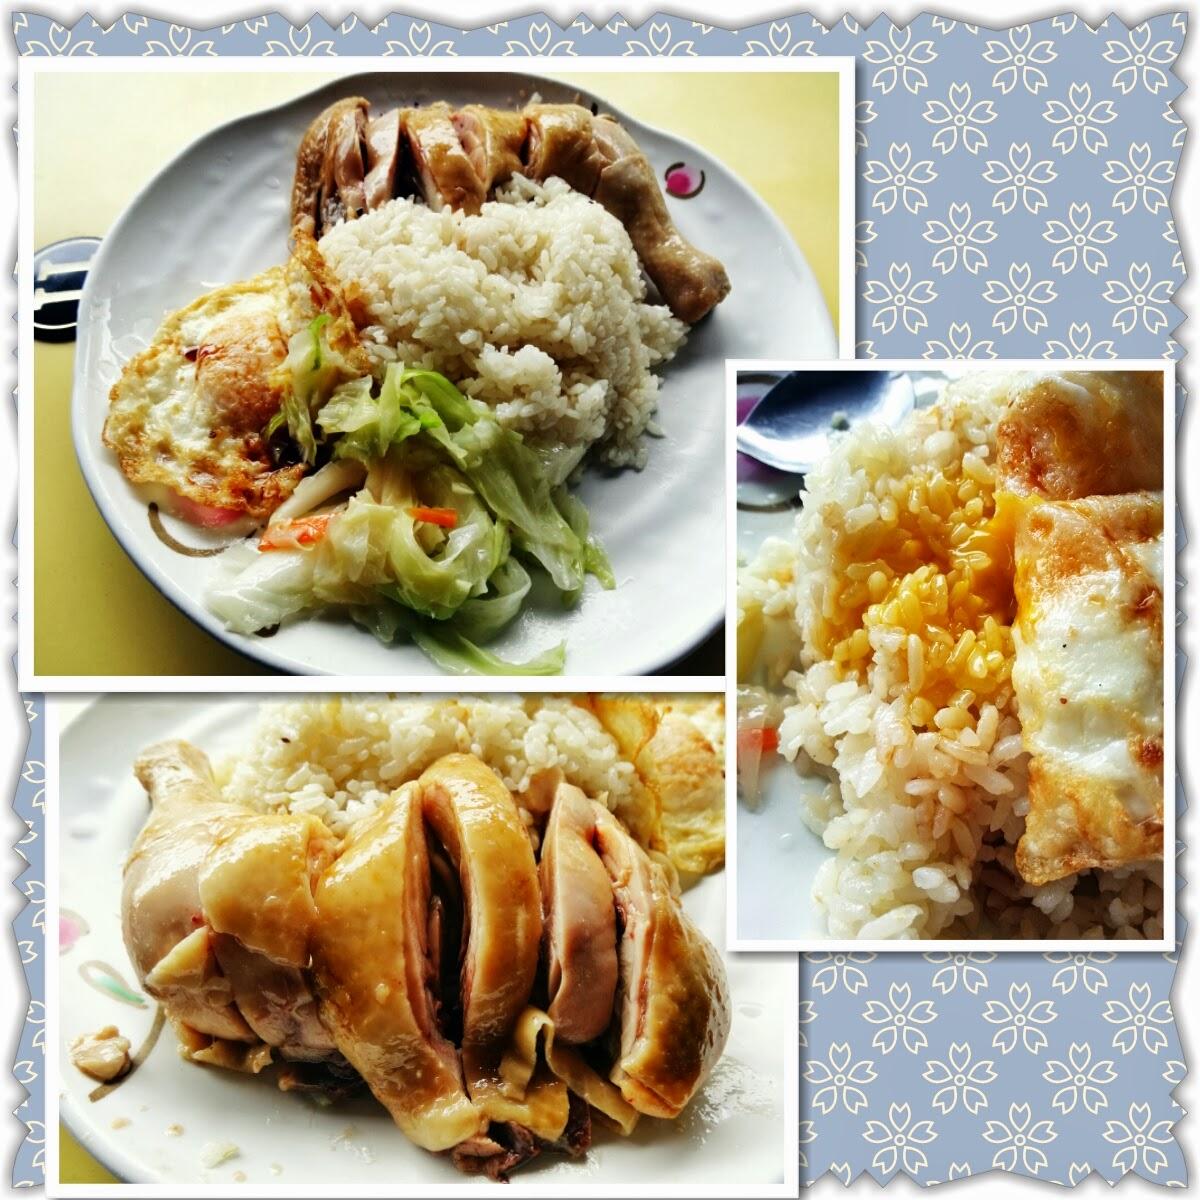 神月出雲-食況轉播: 食況轉播-新竹市-168新加坡美食-海南雞飯